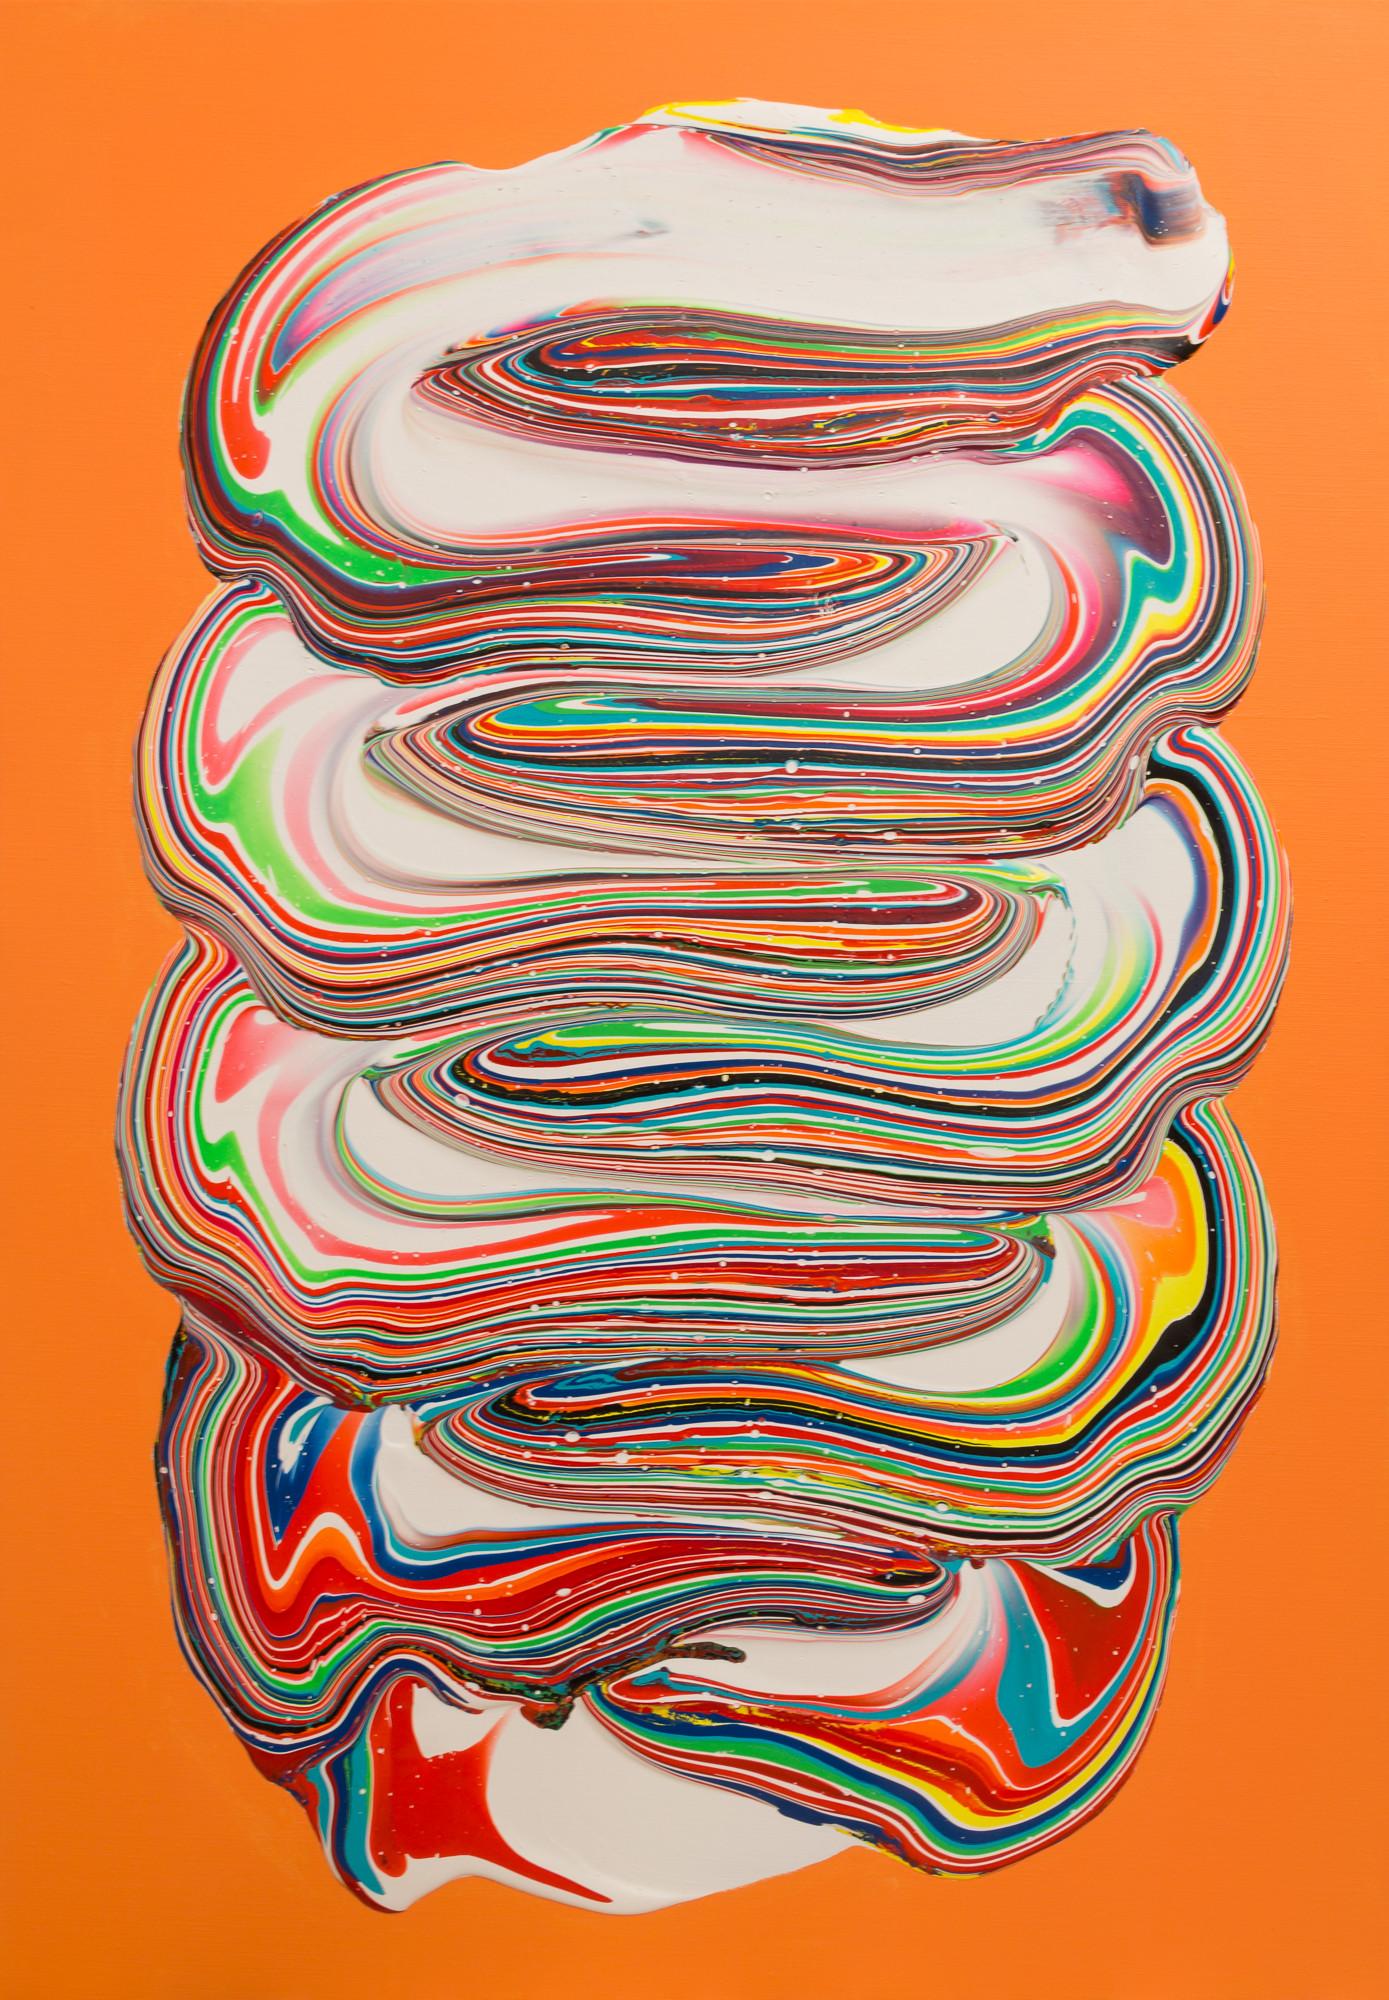 untitled-on-light-orange-acrylic-on-canv